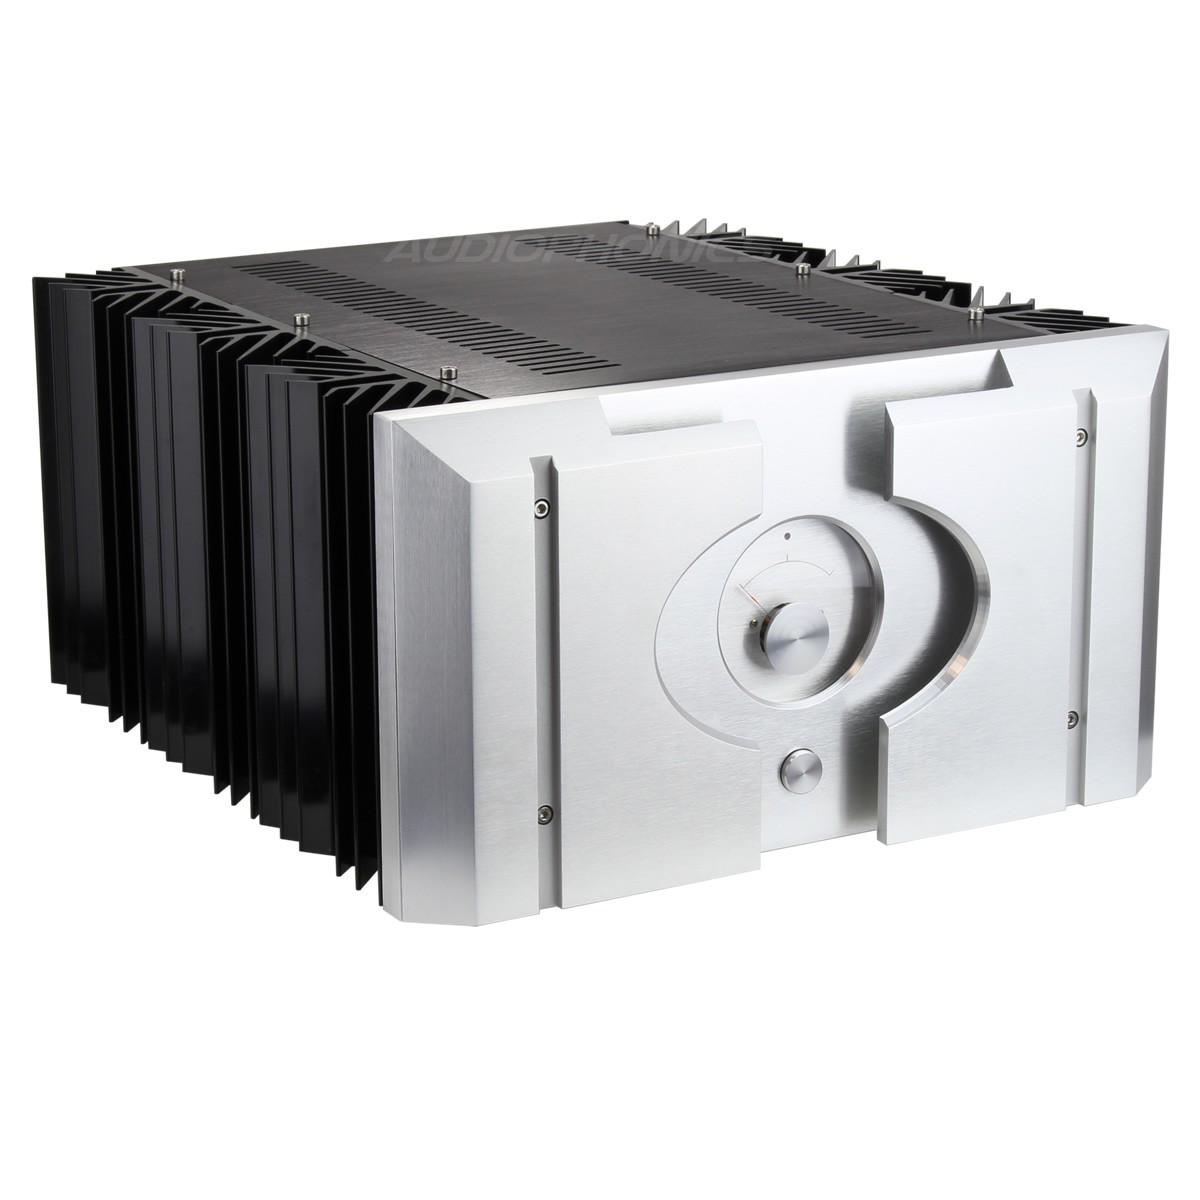 Boîtier DIY Ventilé avec Indicateur de Mise sous Tension & Dissipateurs 100% Aluminum 396x360x195mm